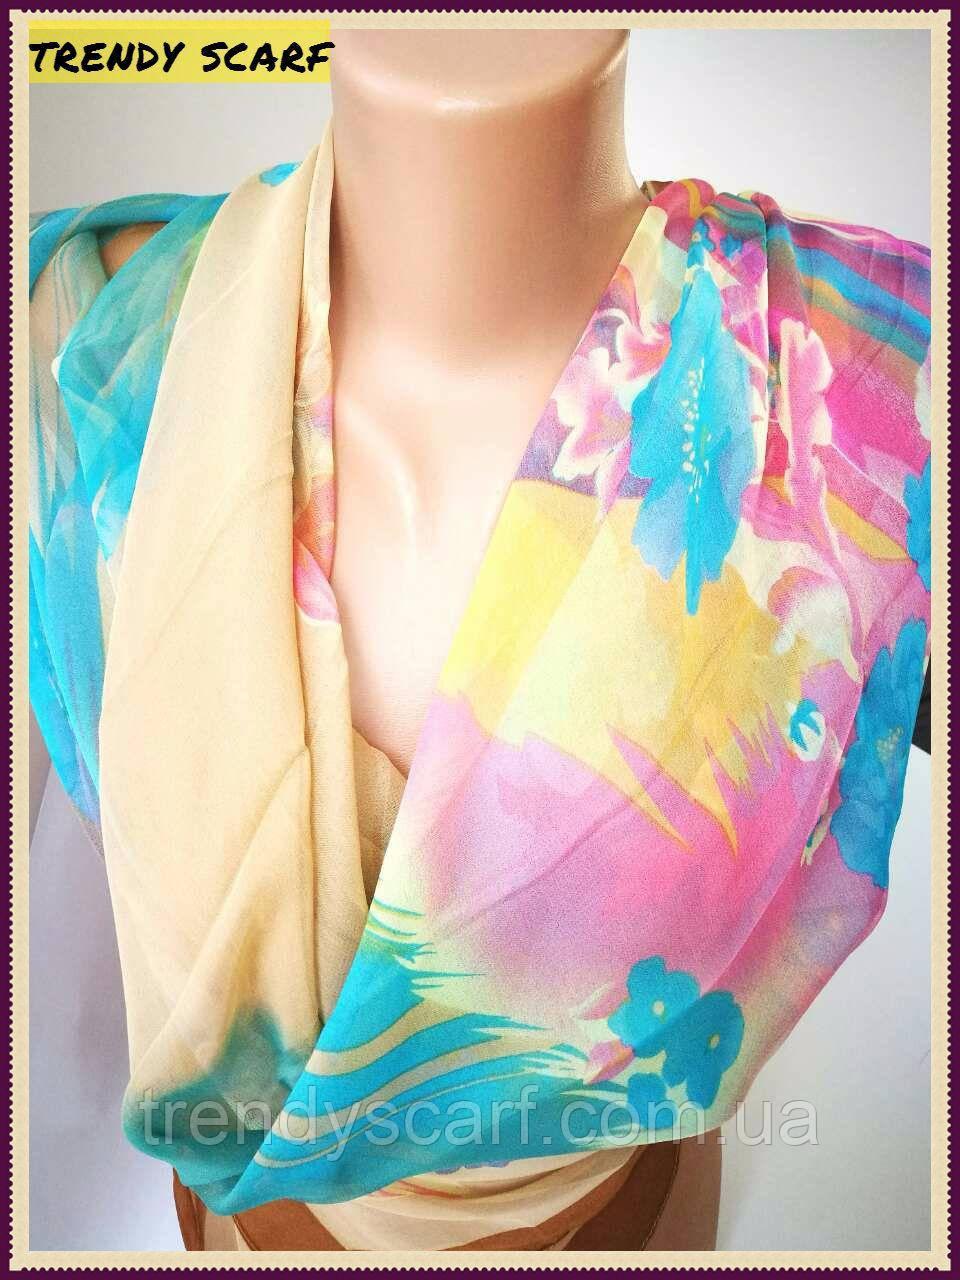 Платок женский Шифон разноцветный бежевый голубой желтый розовый цветной принт 110/110 см